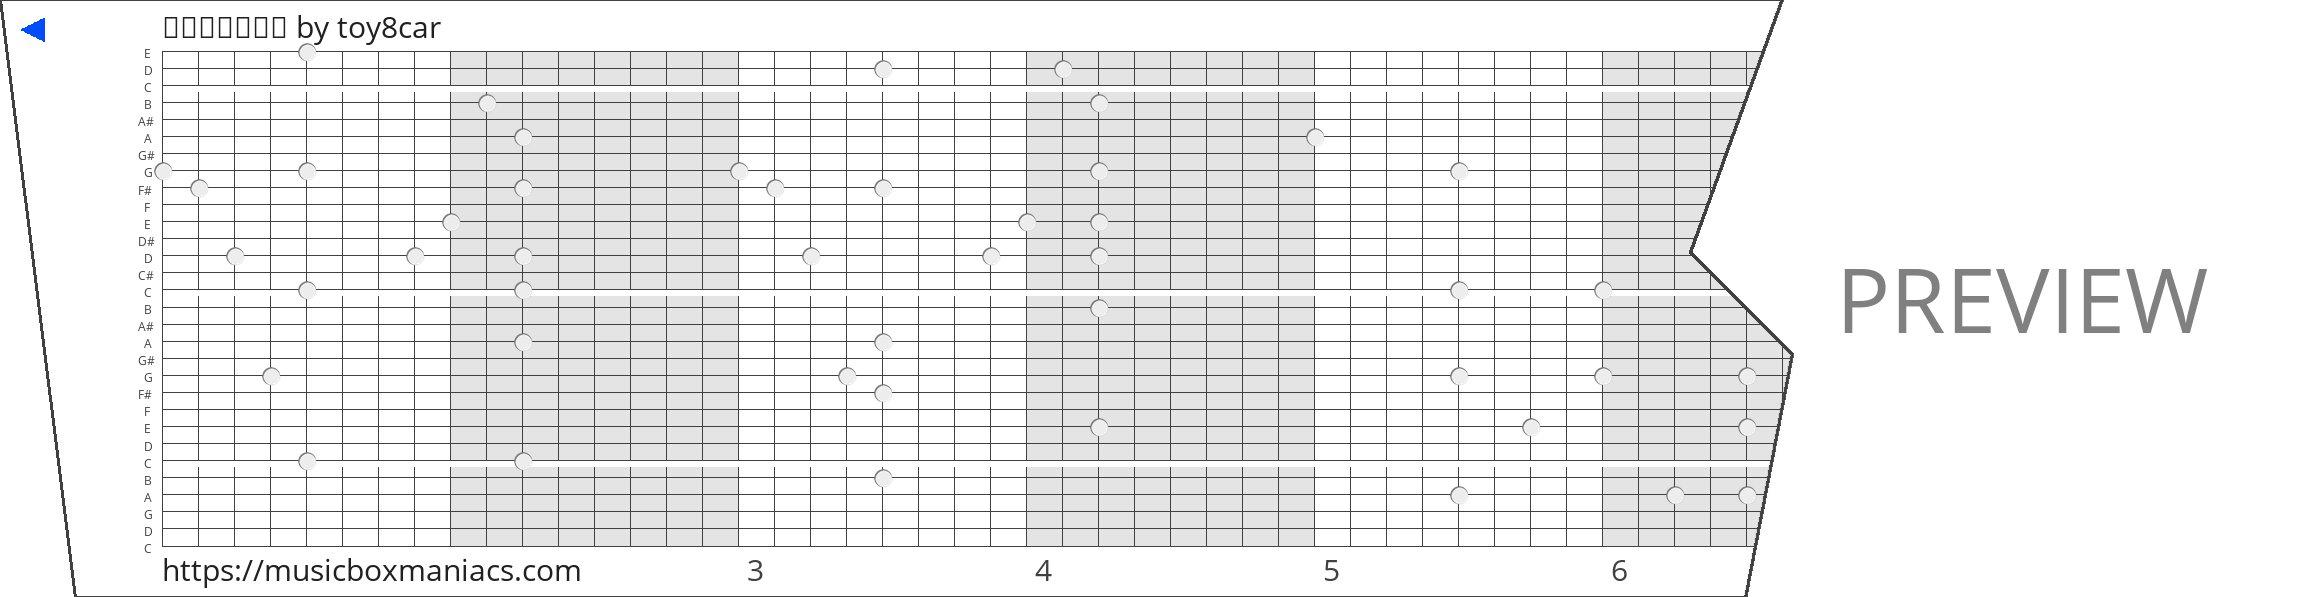 友爱是这么简单 30 note music box paper strip